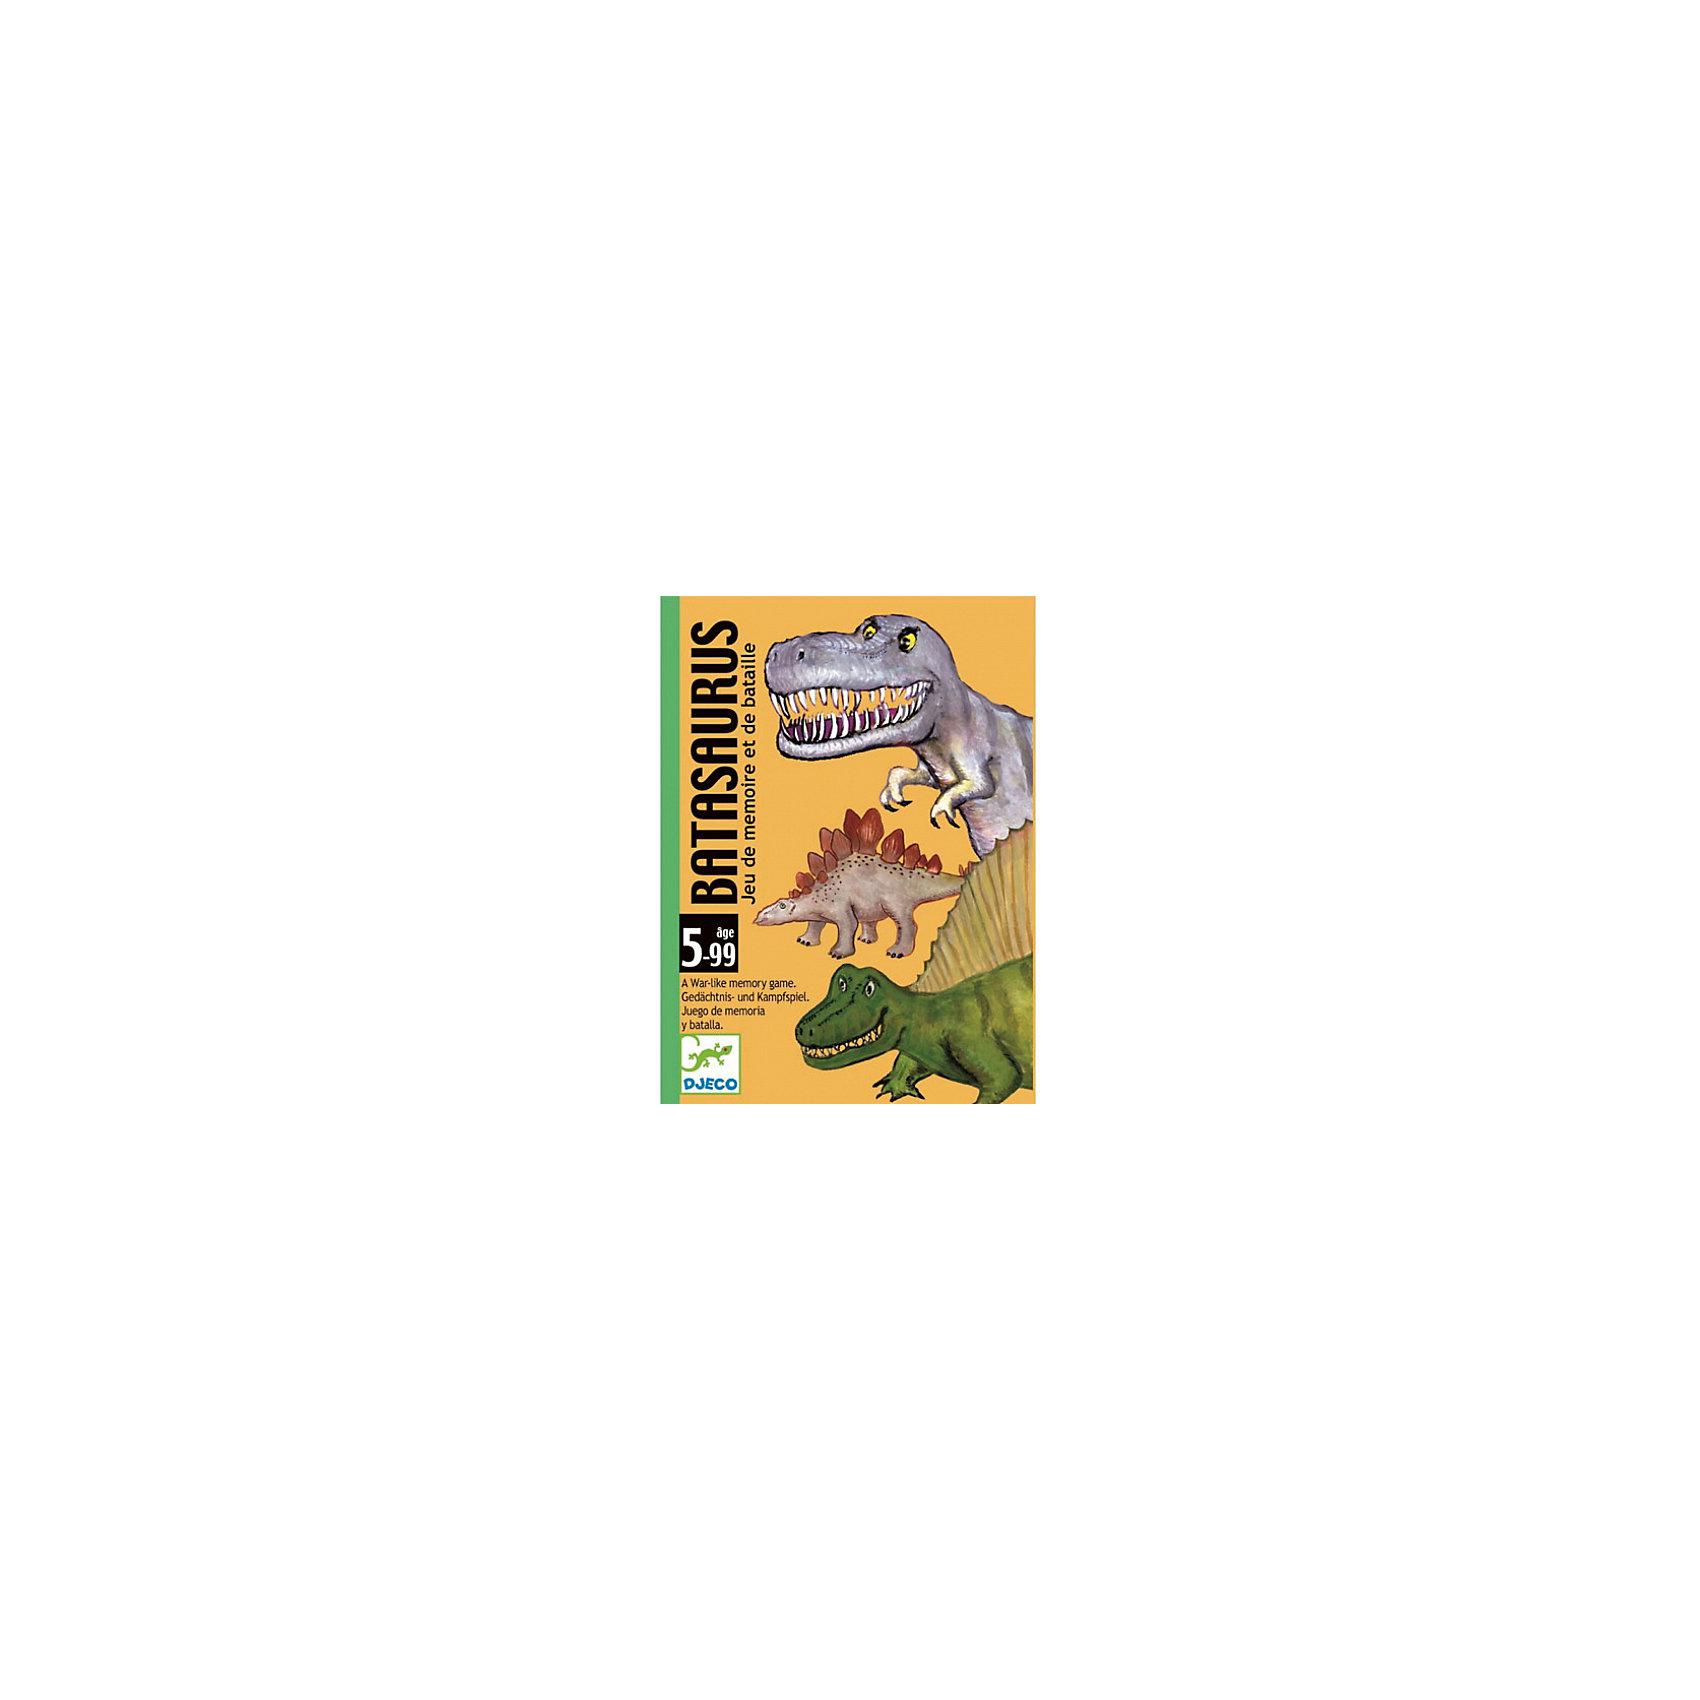 DJECO Карточная игра Динозавры, DJECO настольные игры djeco настольная карточная игра минисемья